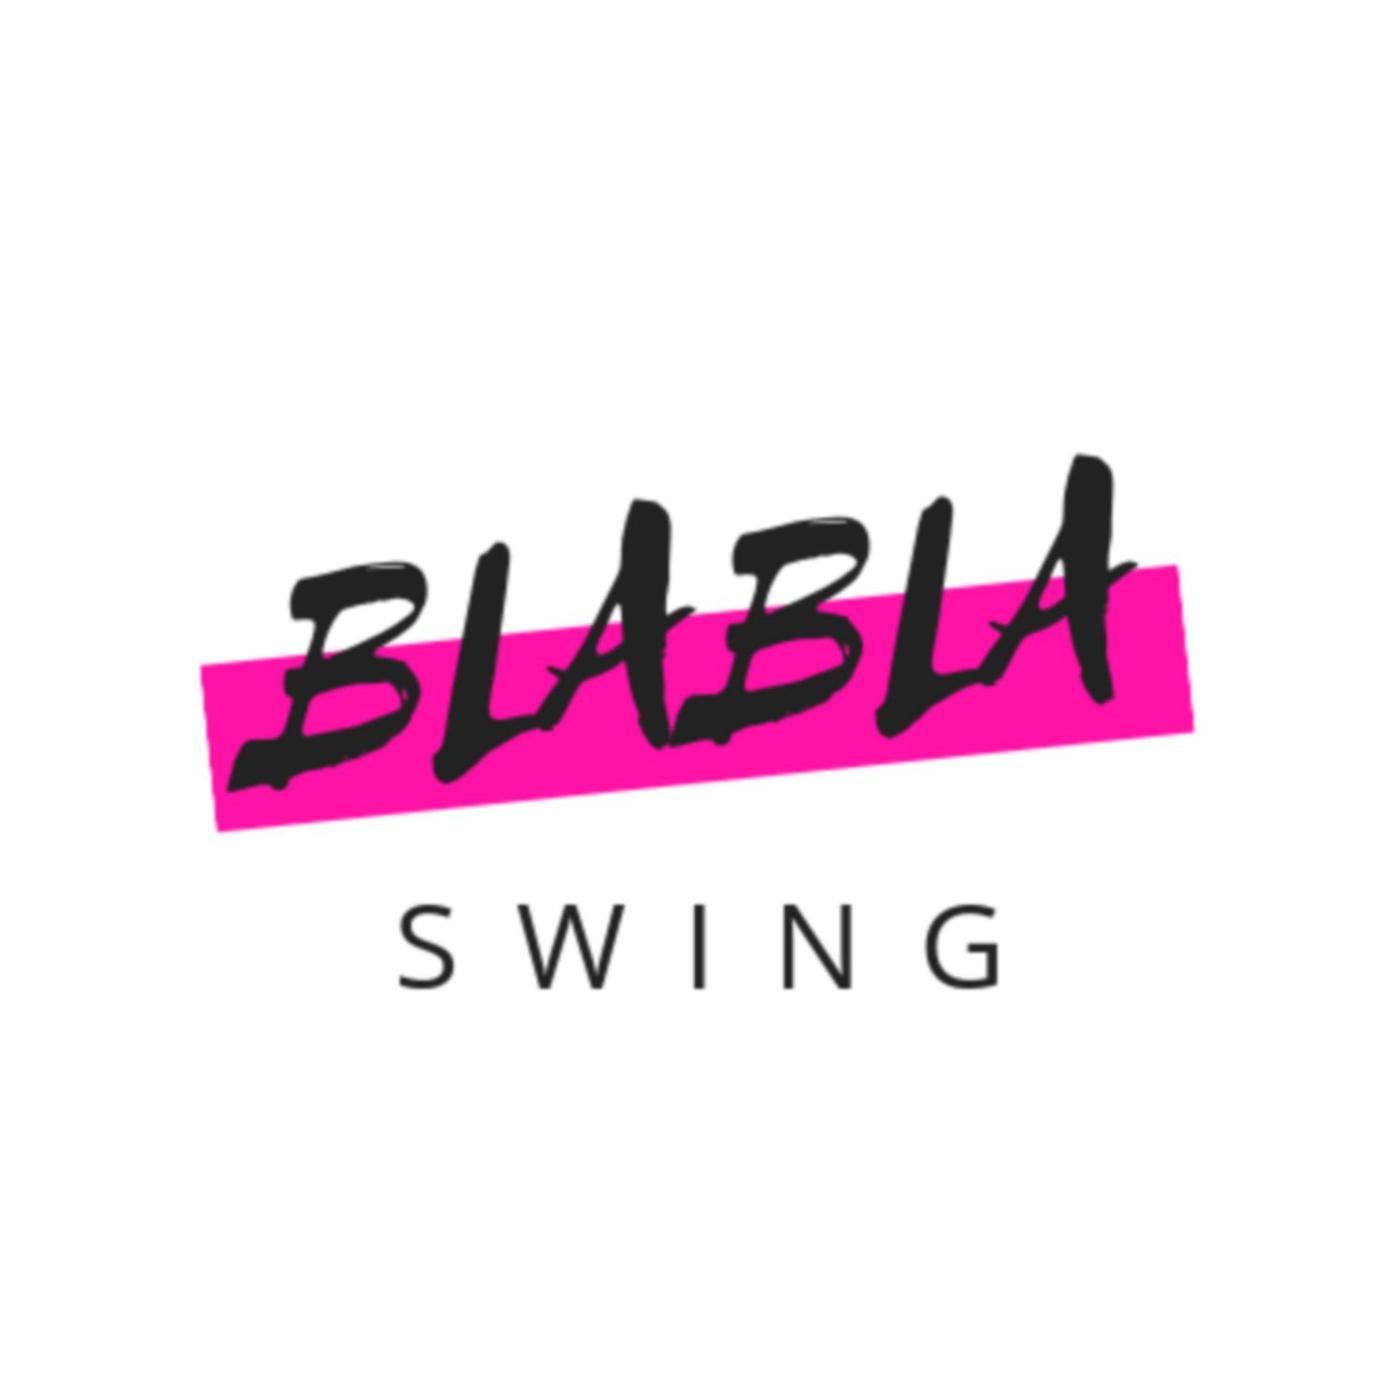 Blabla swing podcast